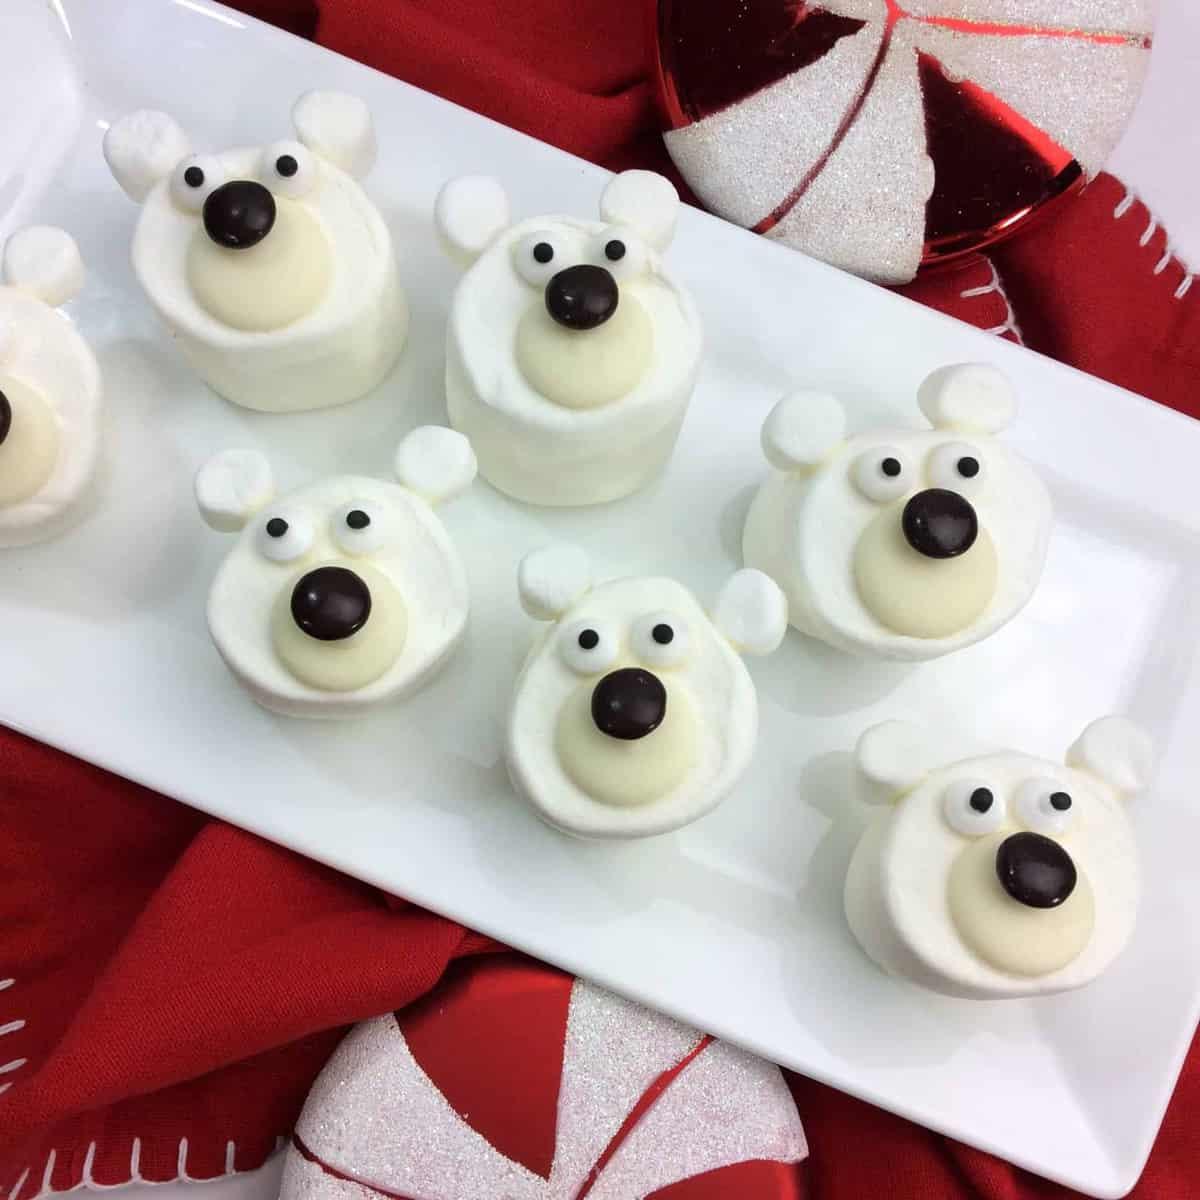 Marshmallows on white plate